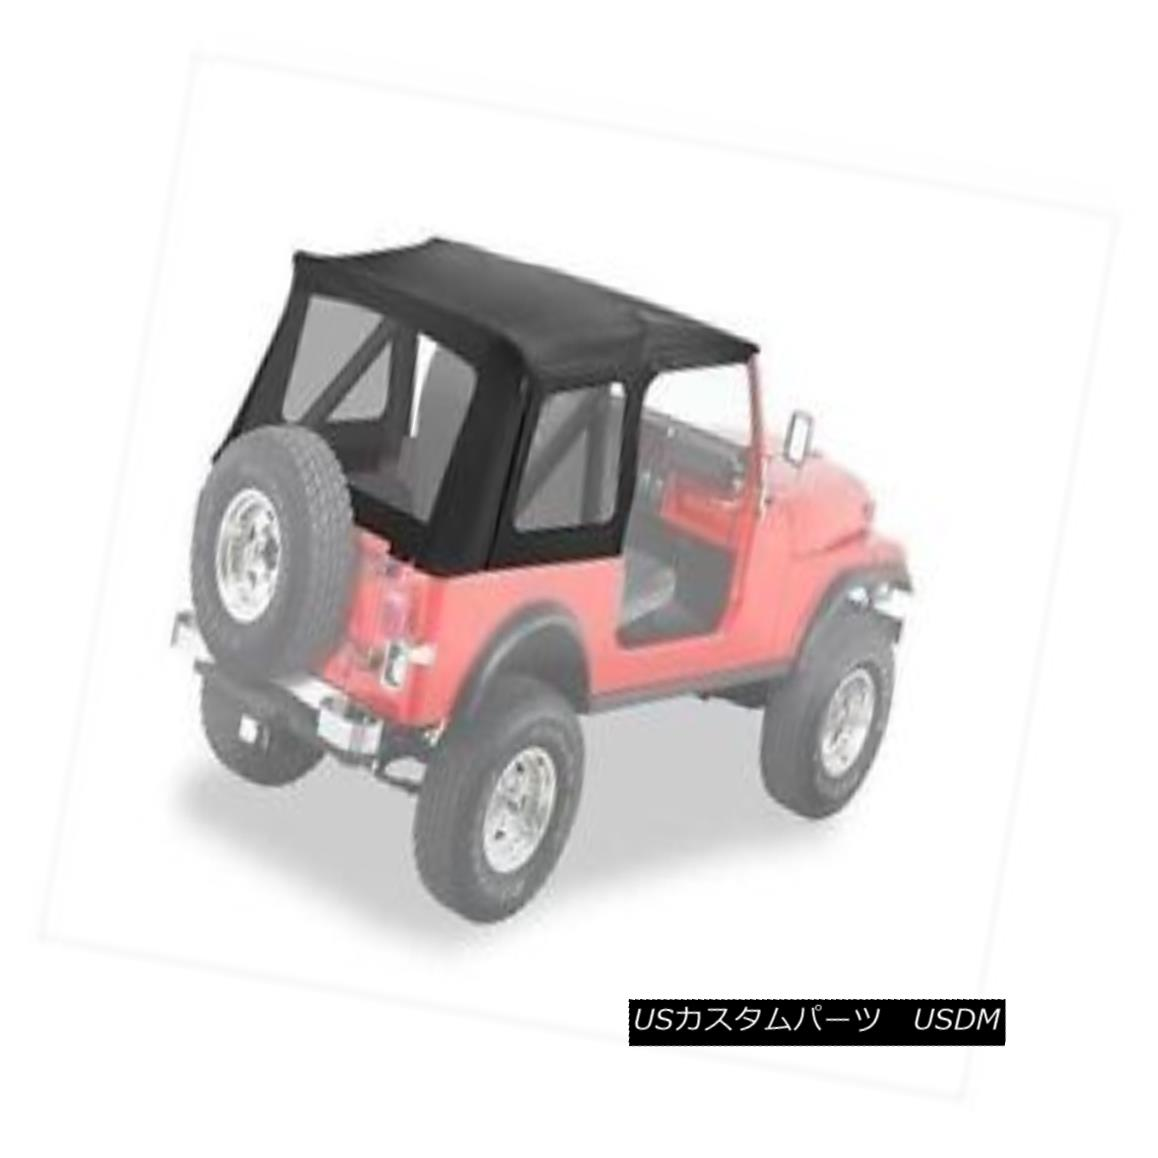 幌・ソフトトップ Bestop Supertop Replacement Skin 76-95 Jeep CJ7 / Wrangler Clear Windows Black Bestopスーパートップ交換用スキン76-95ジープCJ7 /ラングラークリアウィンドウブラック